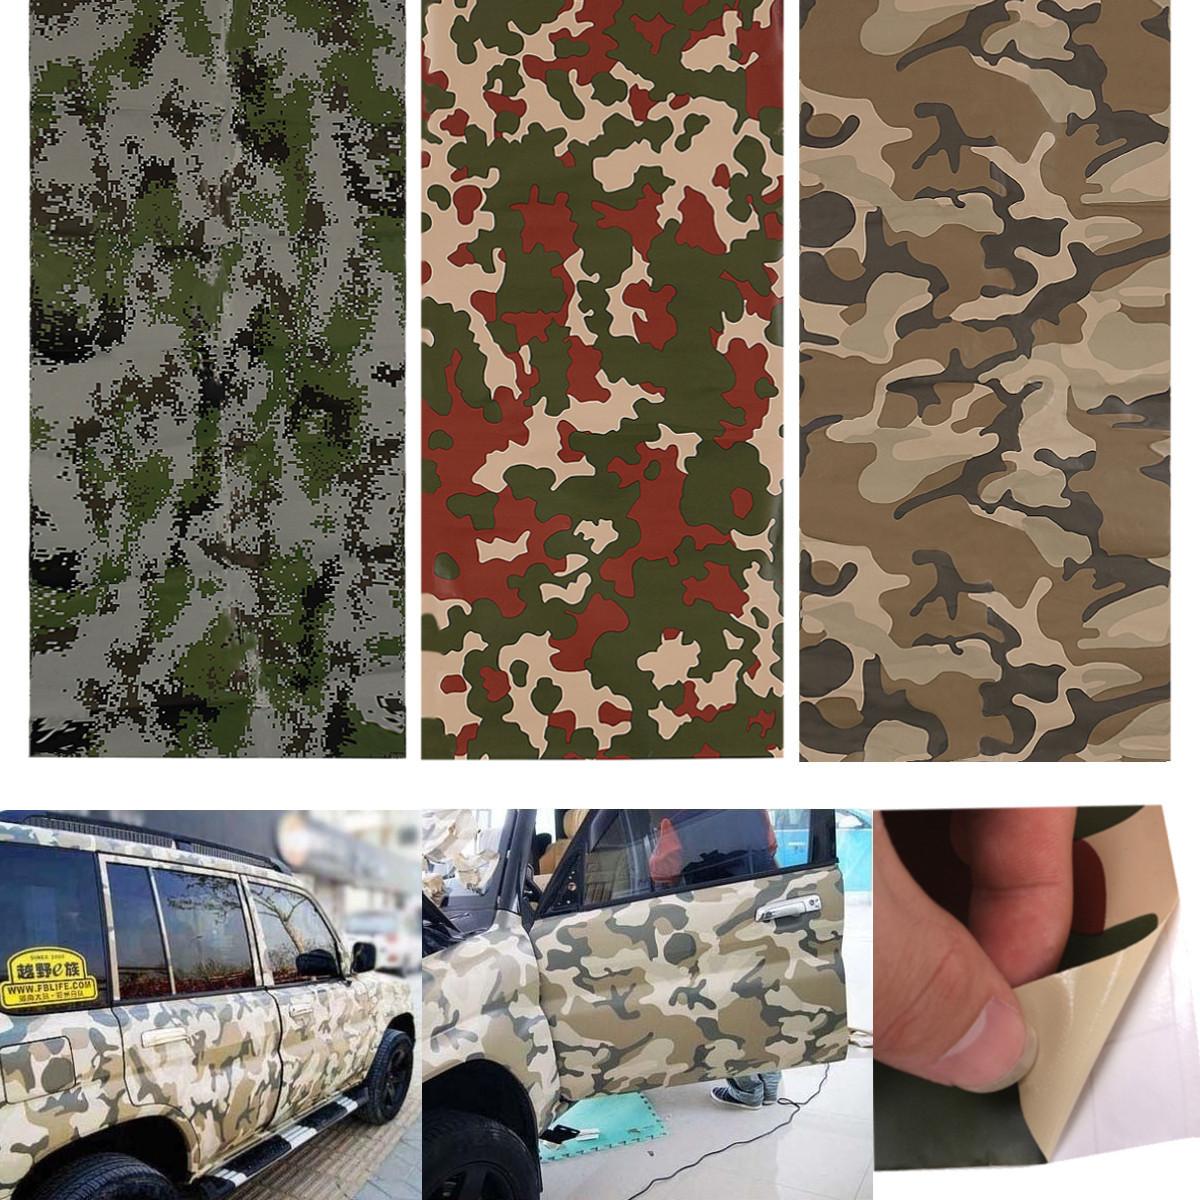 60x24-дюймовый воздушный пузырь армия Camo камуфляж пустыня пленка винила обруча стикер бесплатно - ➊TopShop ➠ Товары из Китая с бесплатной доставкой в Украину! в Днепре